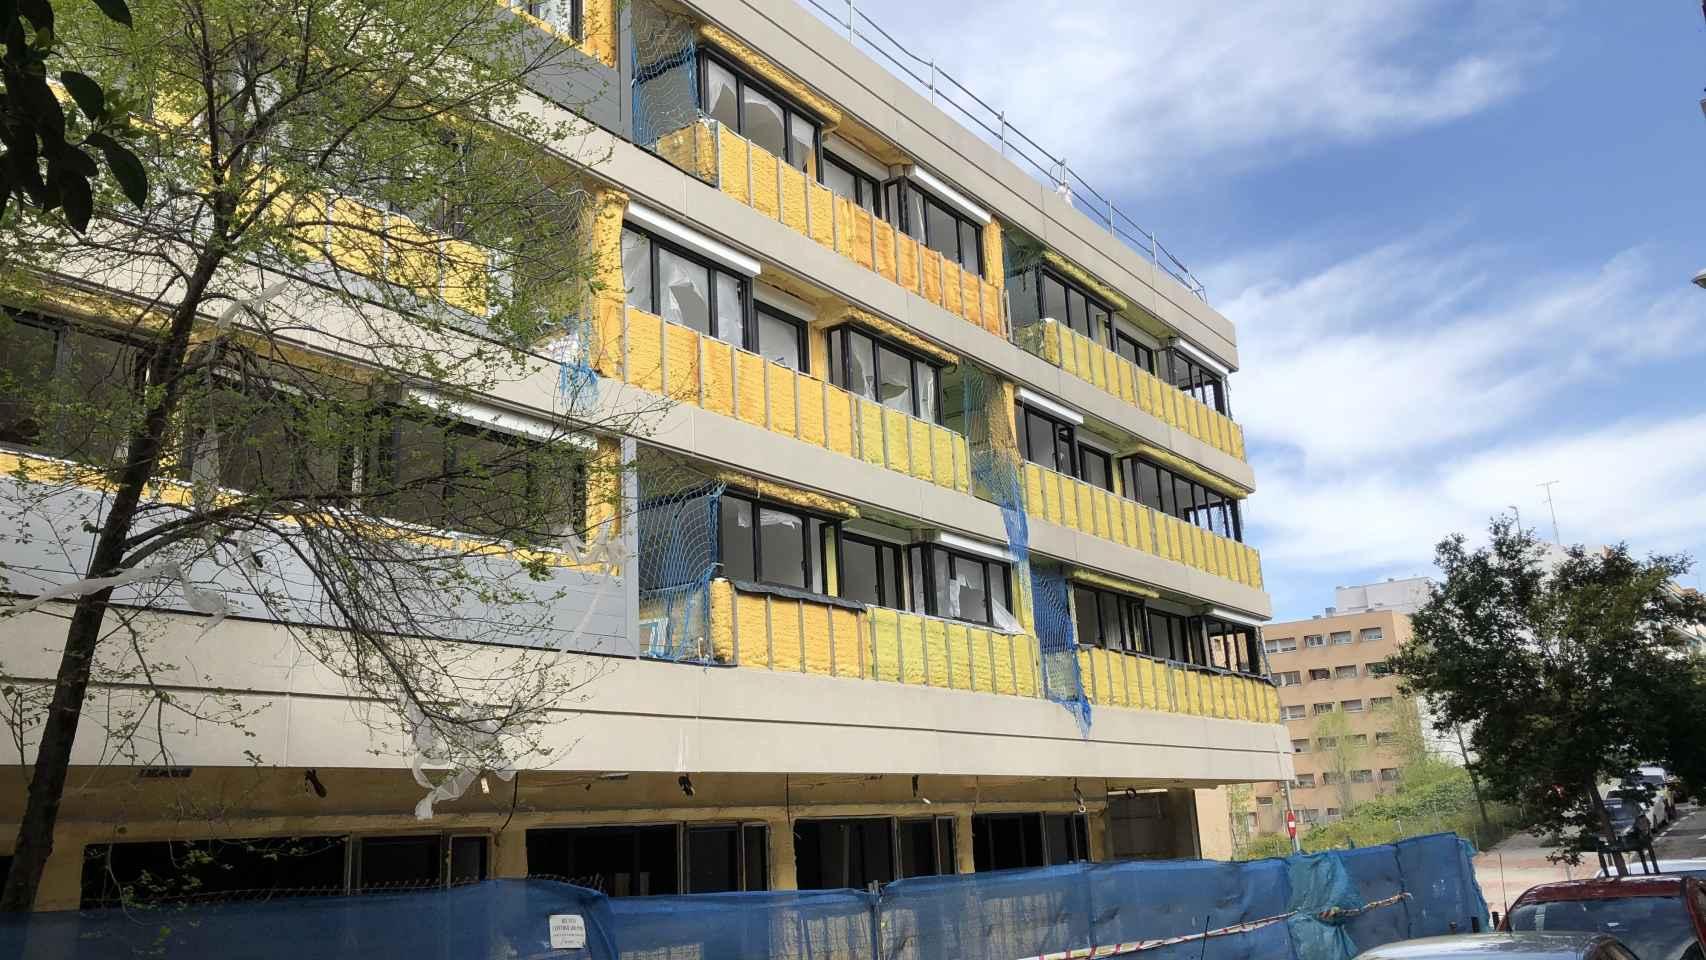 El Covid-19 no frena la construcción de vivienda pública en Madrid